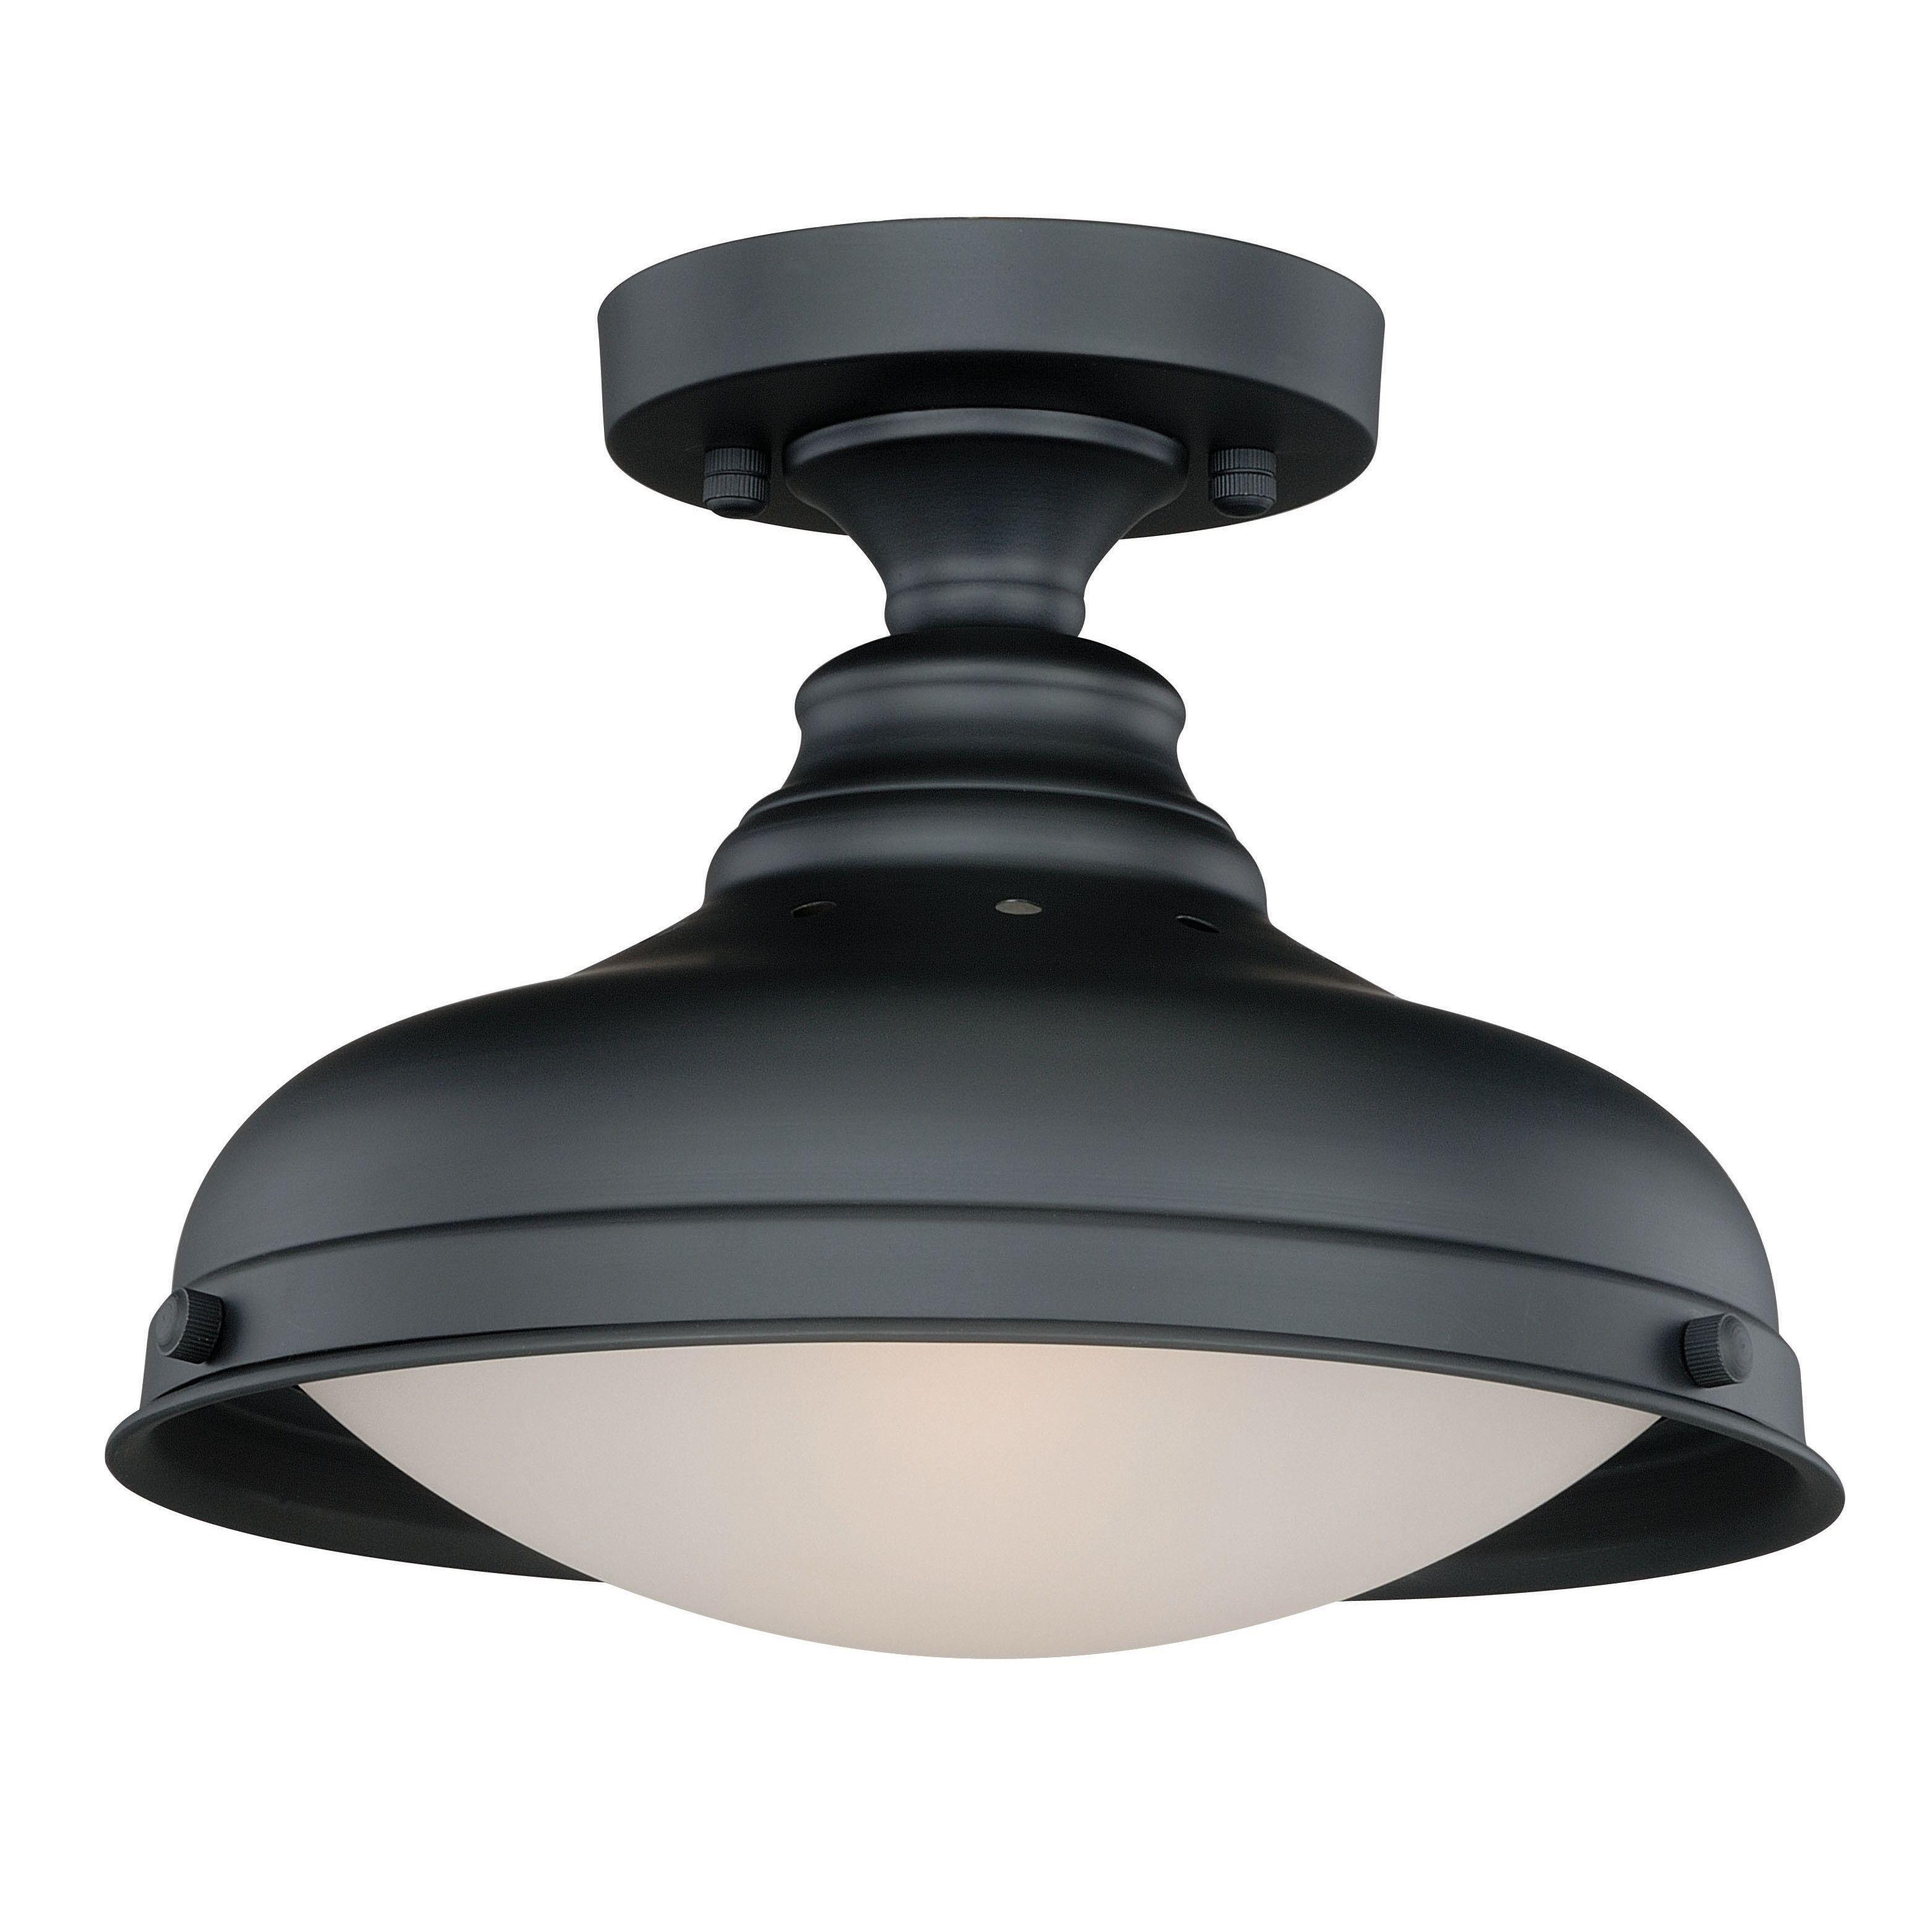 1 light 1225 simple dome semi flush mount semi flush